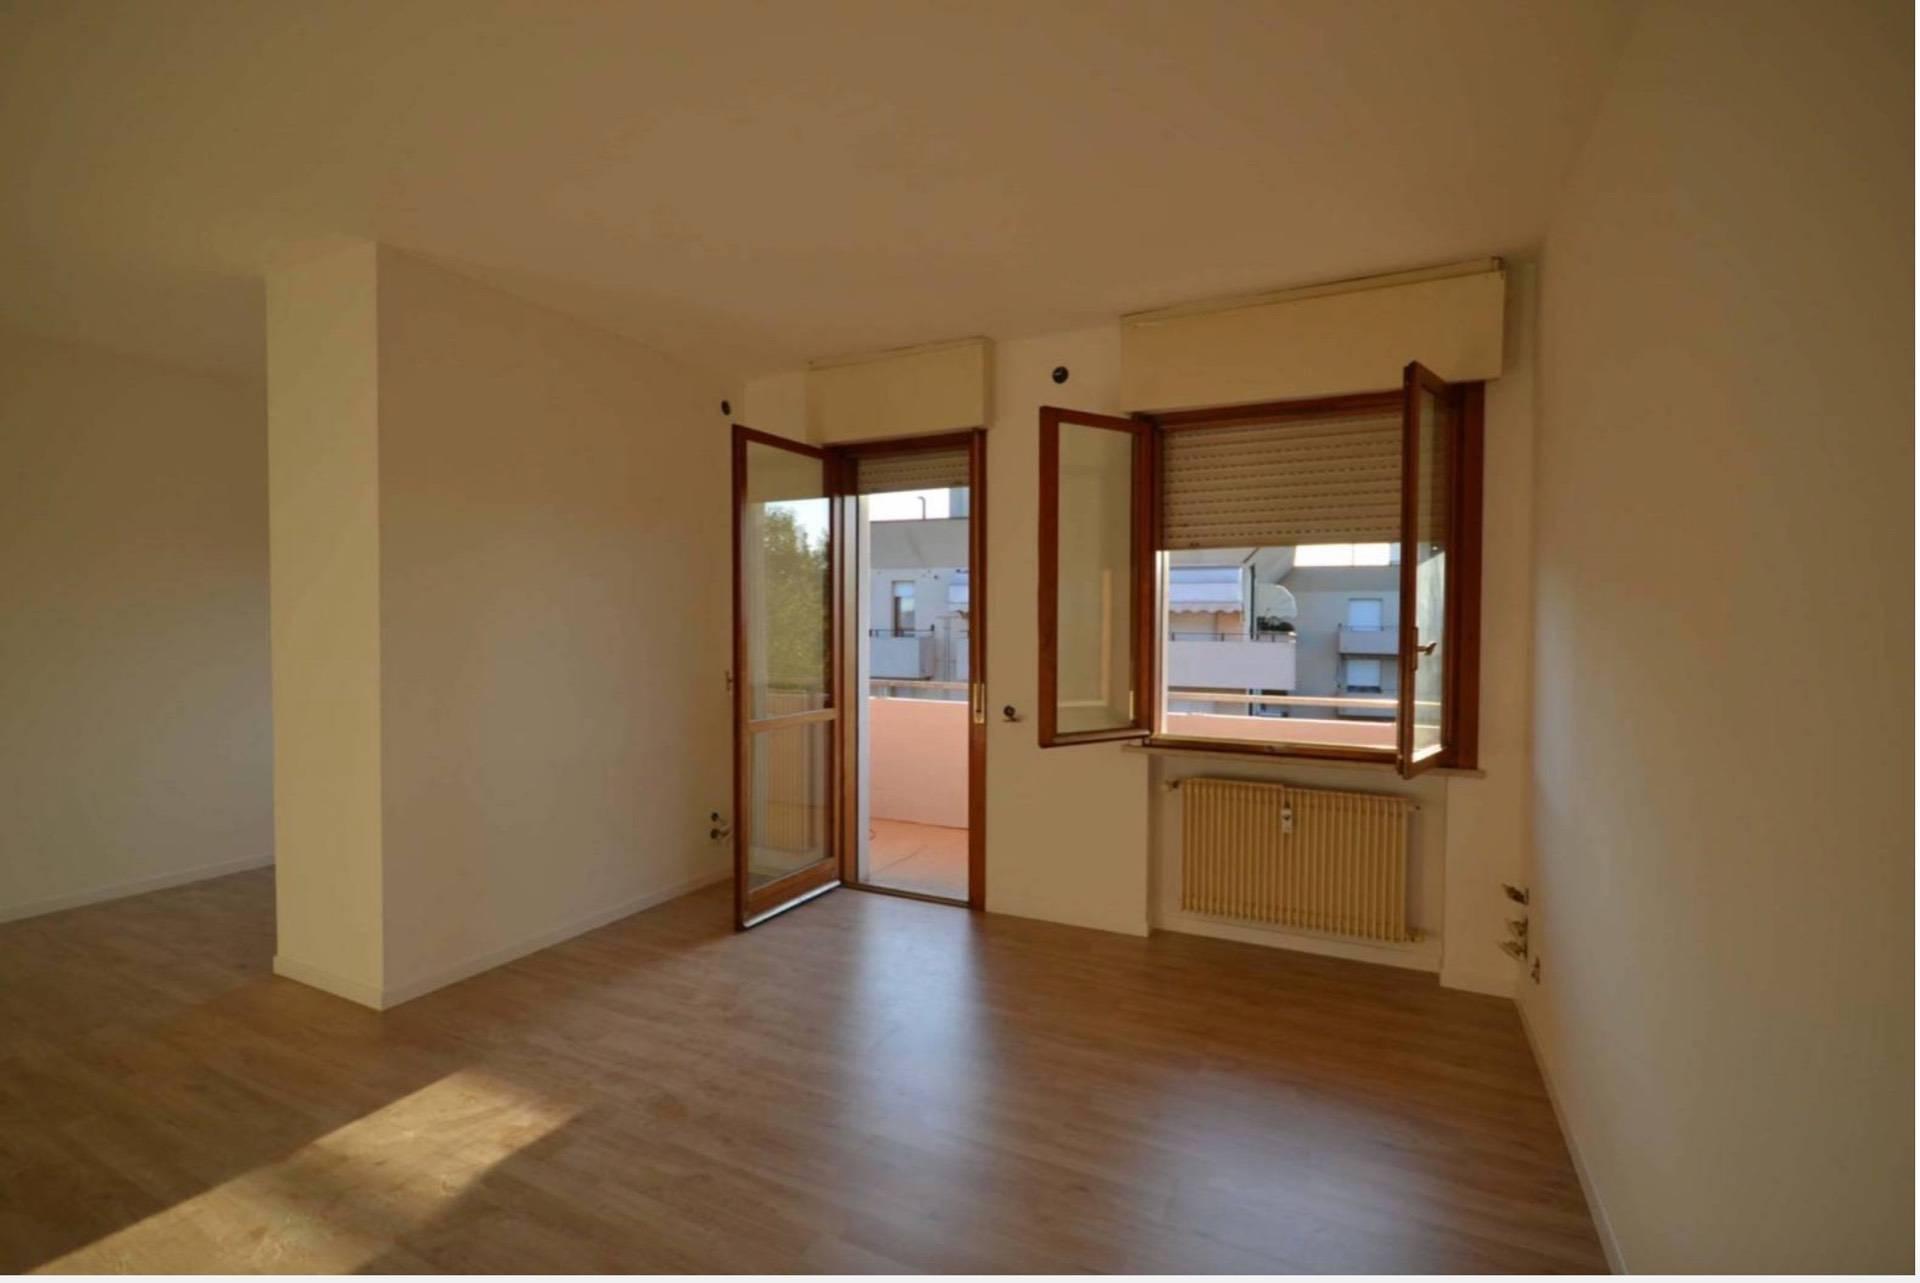 Appartamento in vendita a Silea, 4 locali, prezzo € 99.000   PortaleAgenzieImmobiliari.it